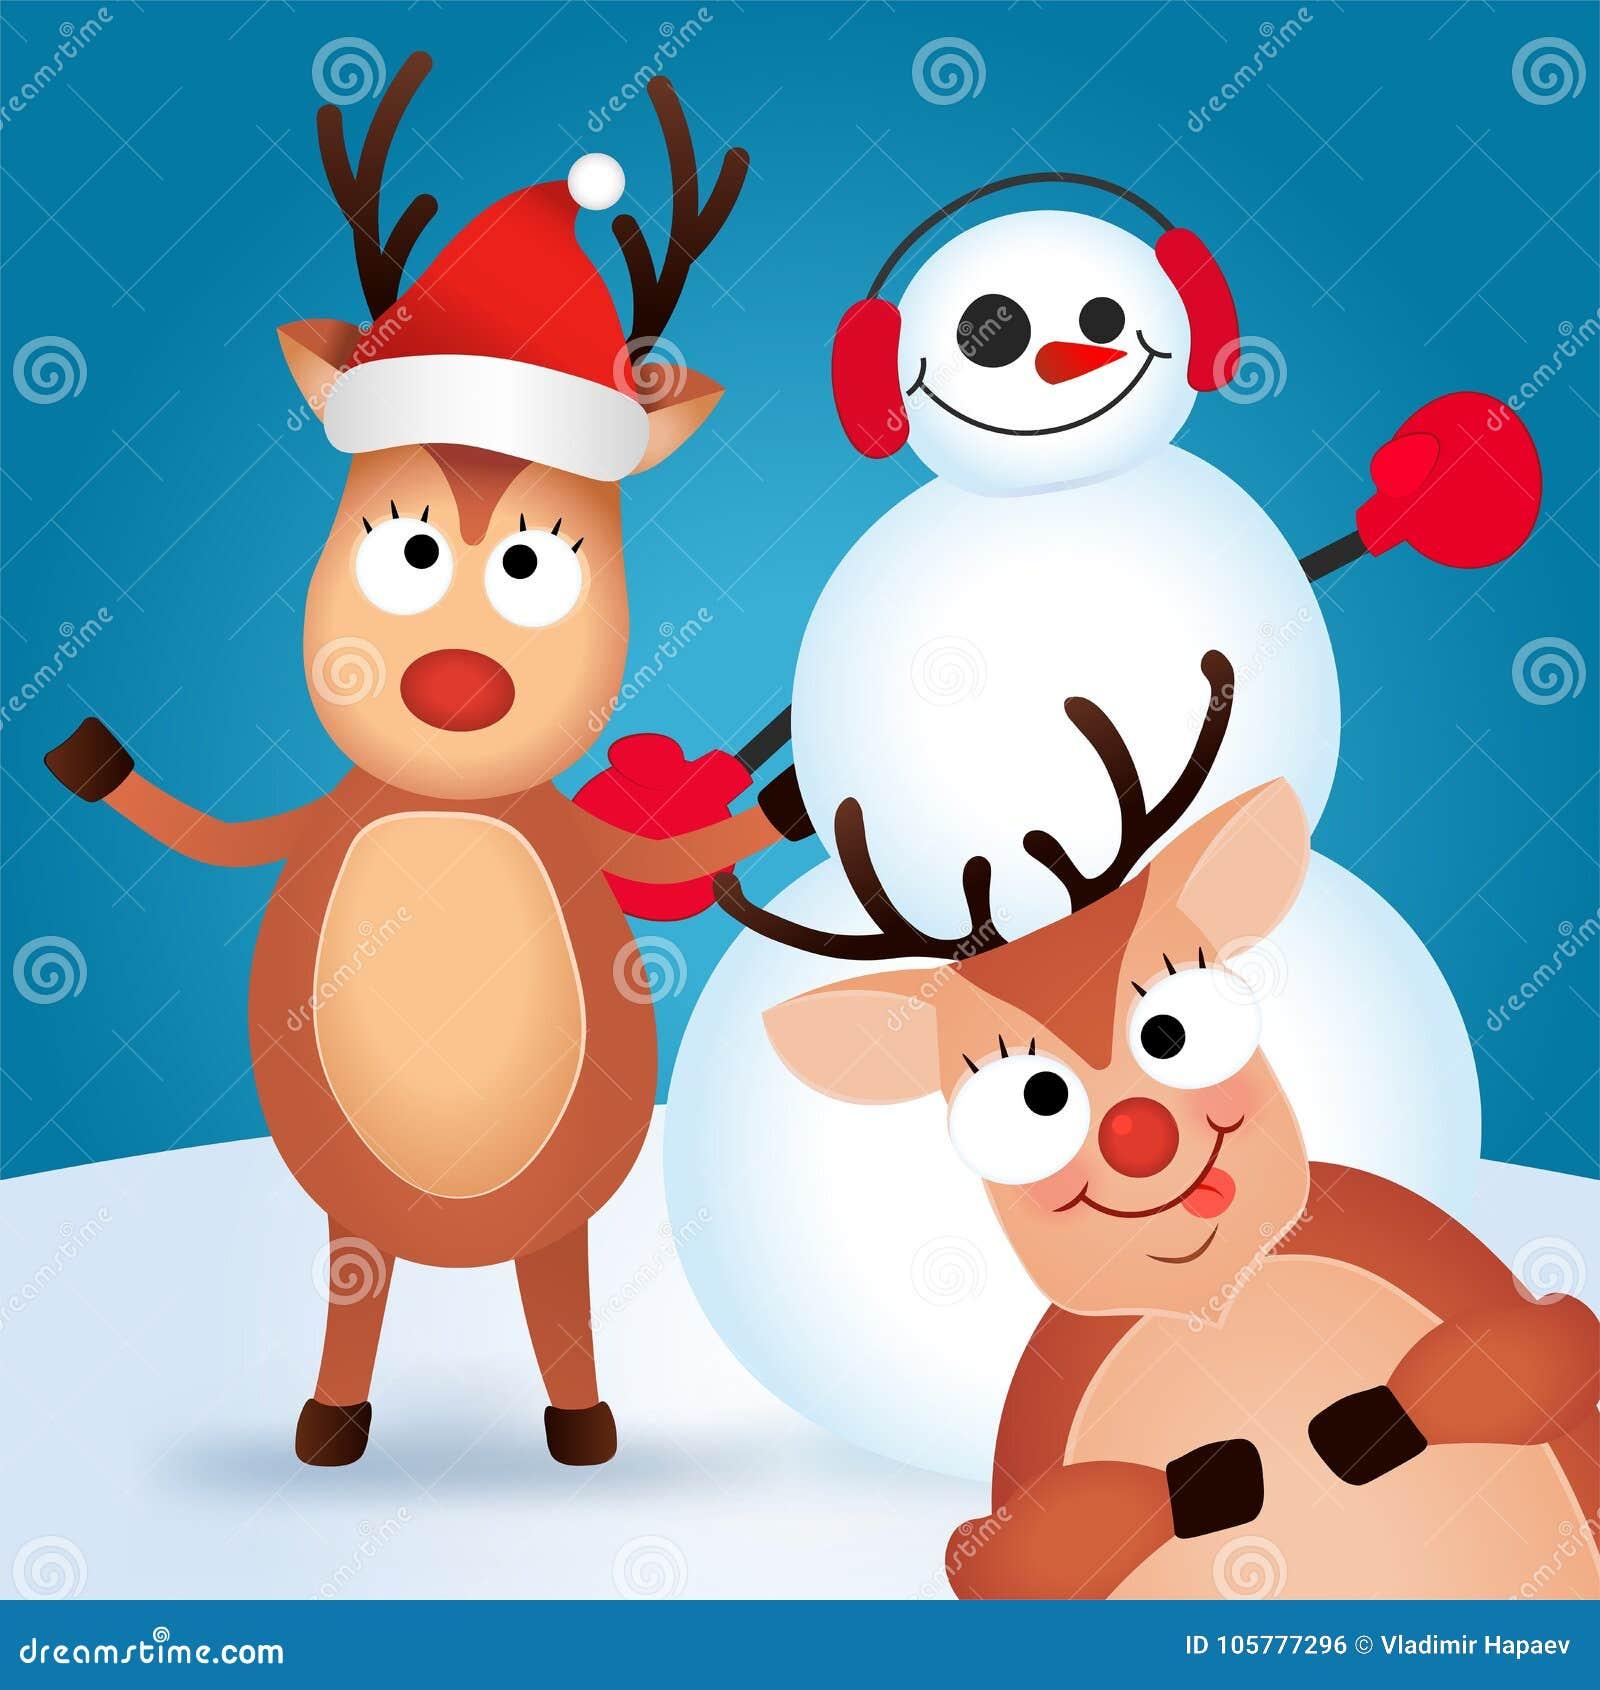 Grußkarte Der Frohen Weihnachten Nette Und Lustige Charakter Rotwild ...